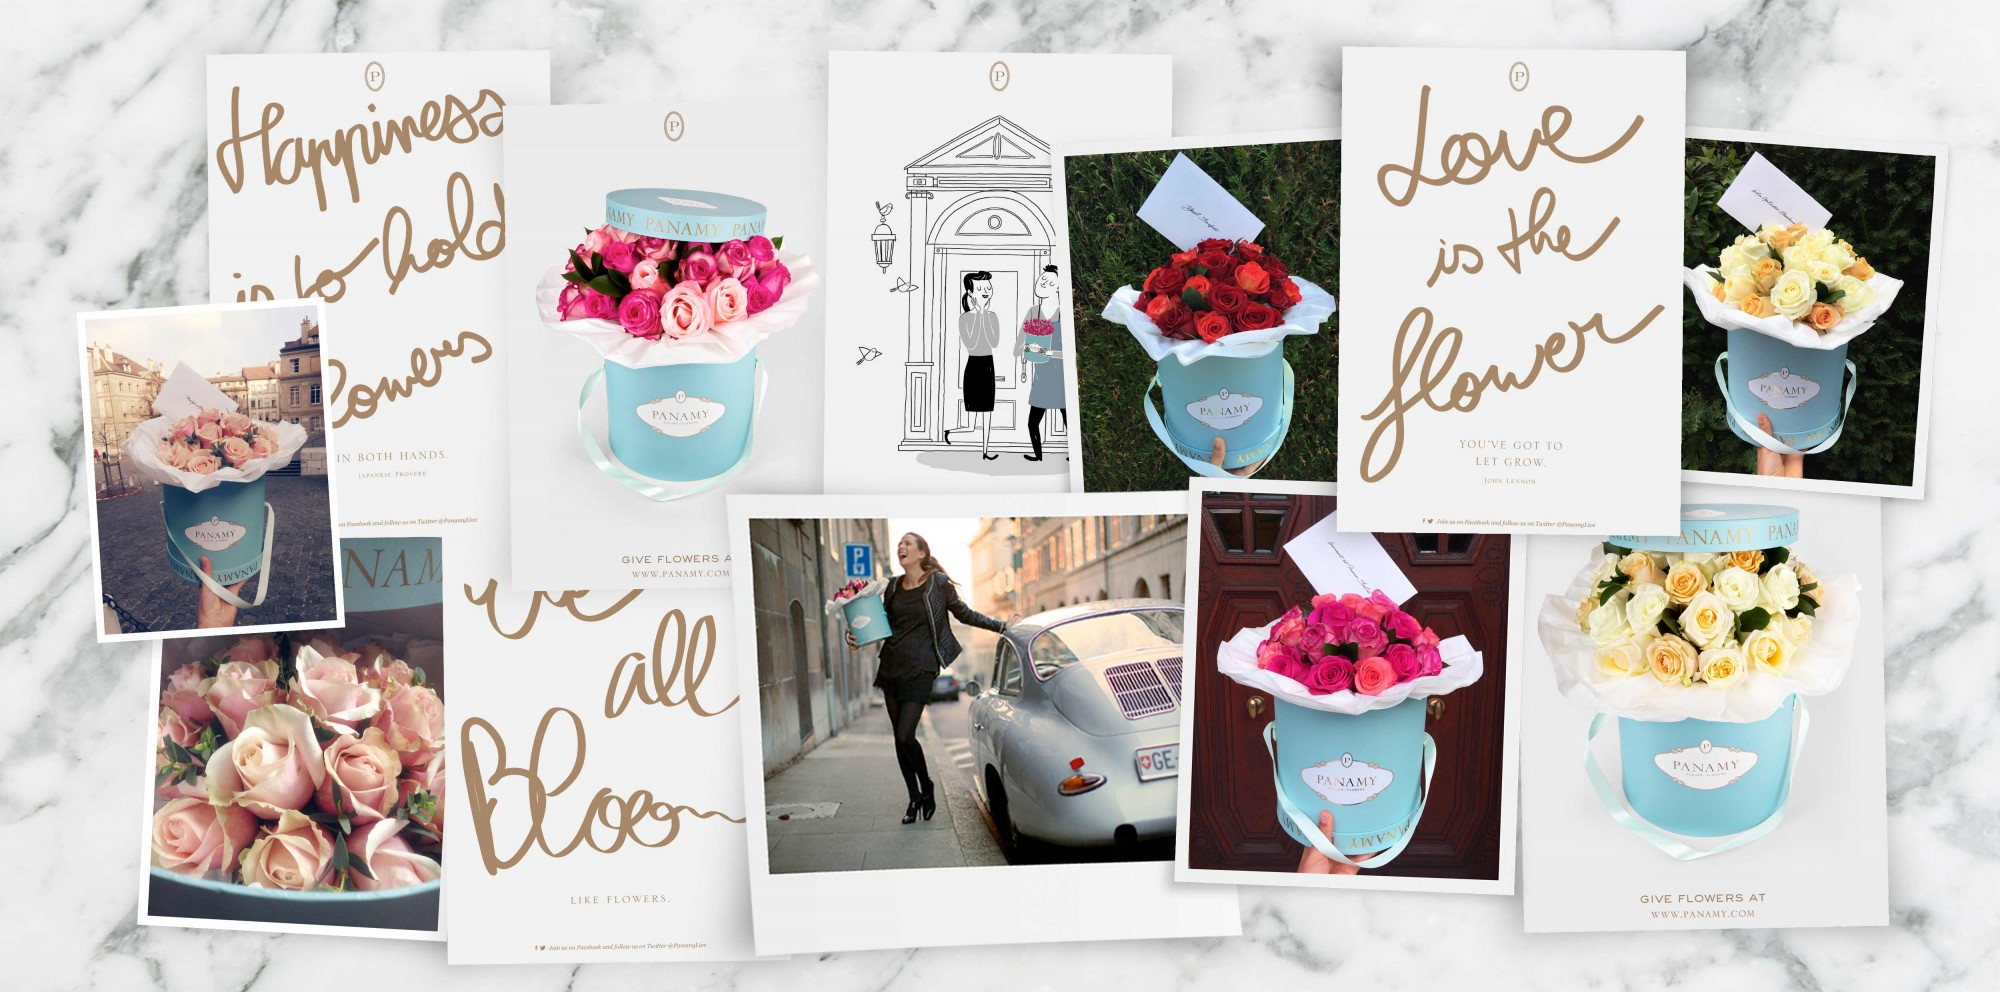 Offrir des fleurs - PANAMY Livraison des Fleurs en Suisse, Geneve, Zürich, Bale